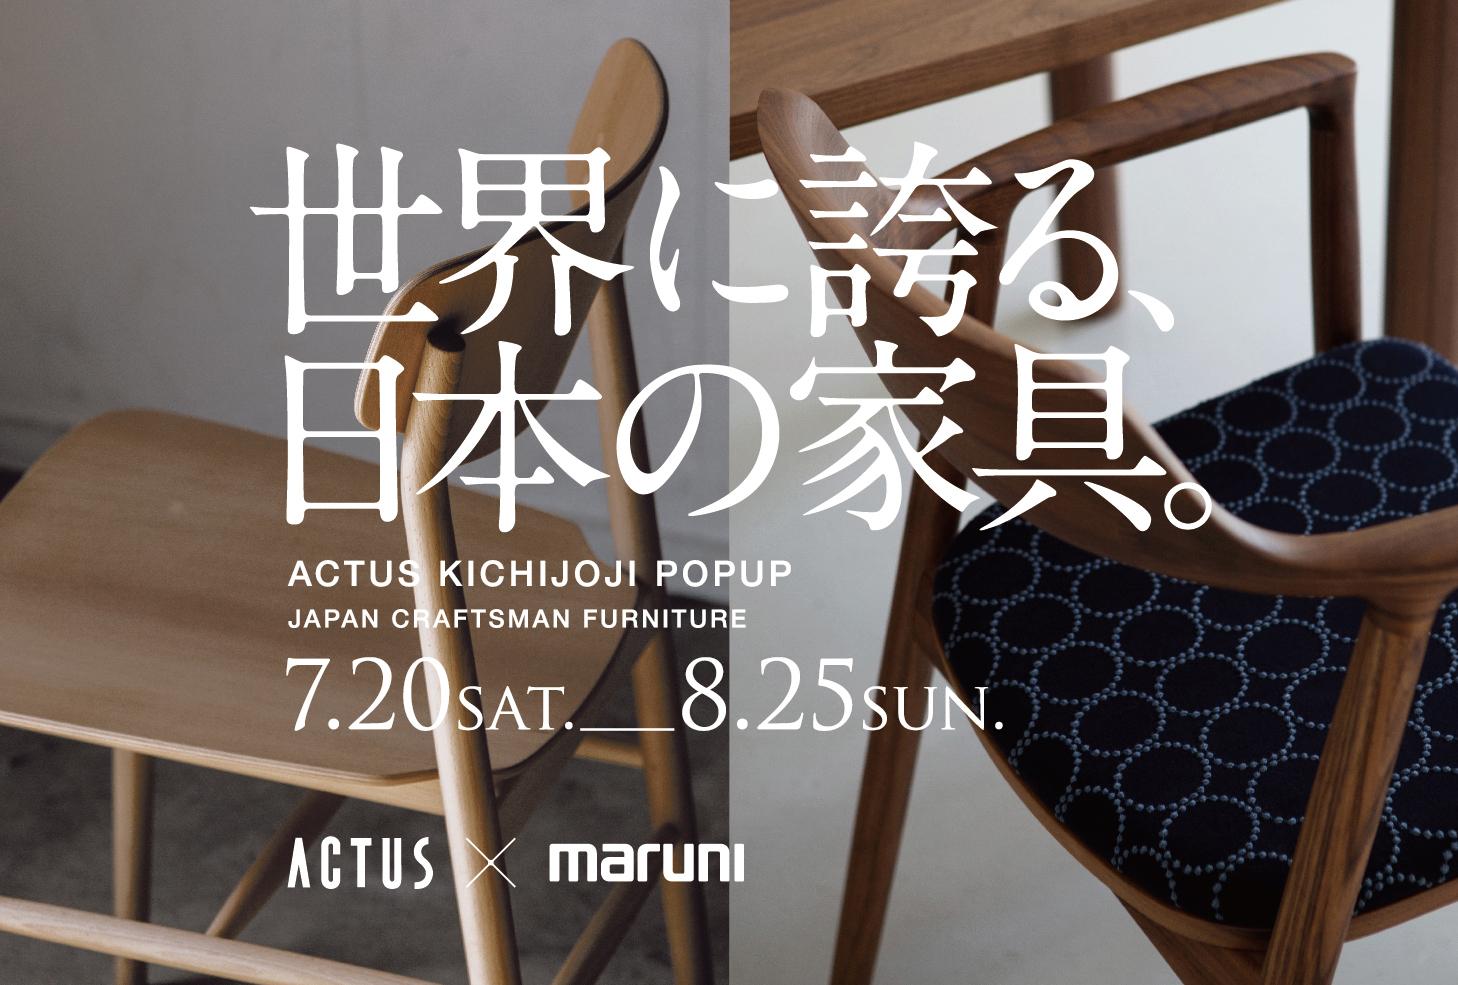 【ACTUS KICHIJOJI 1ST ANNIV】開催します!!!